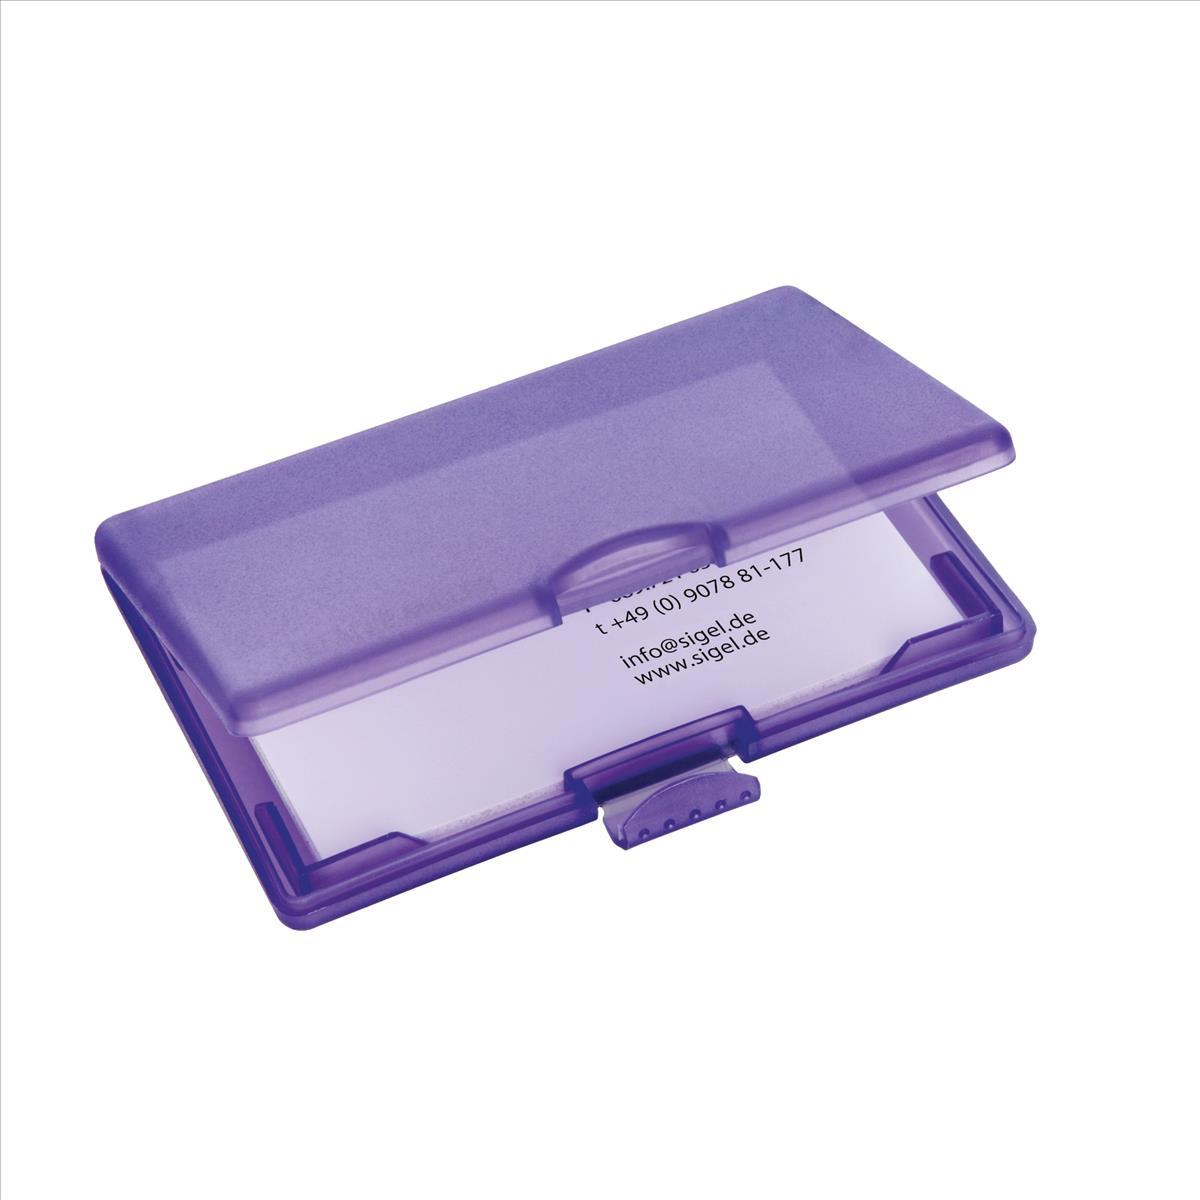 Sigel Coolori Violet Card Case VZ334